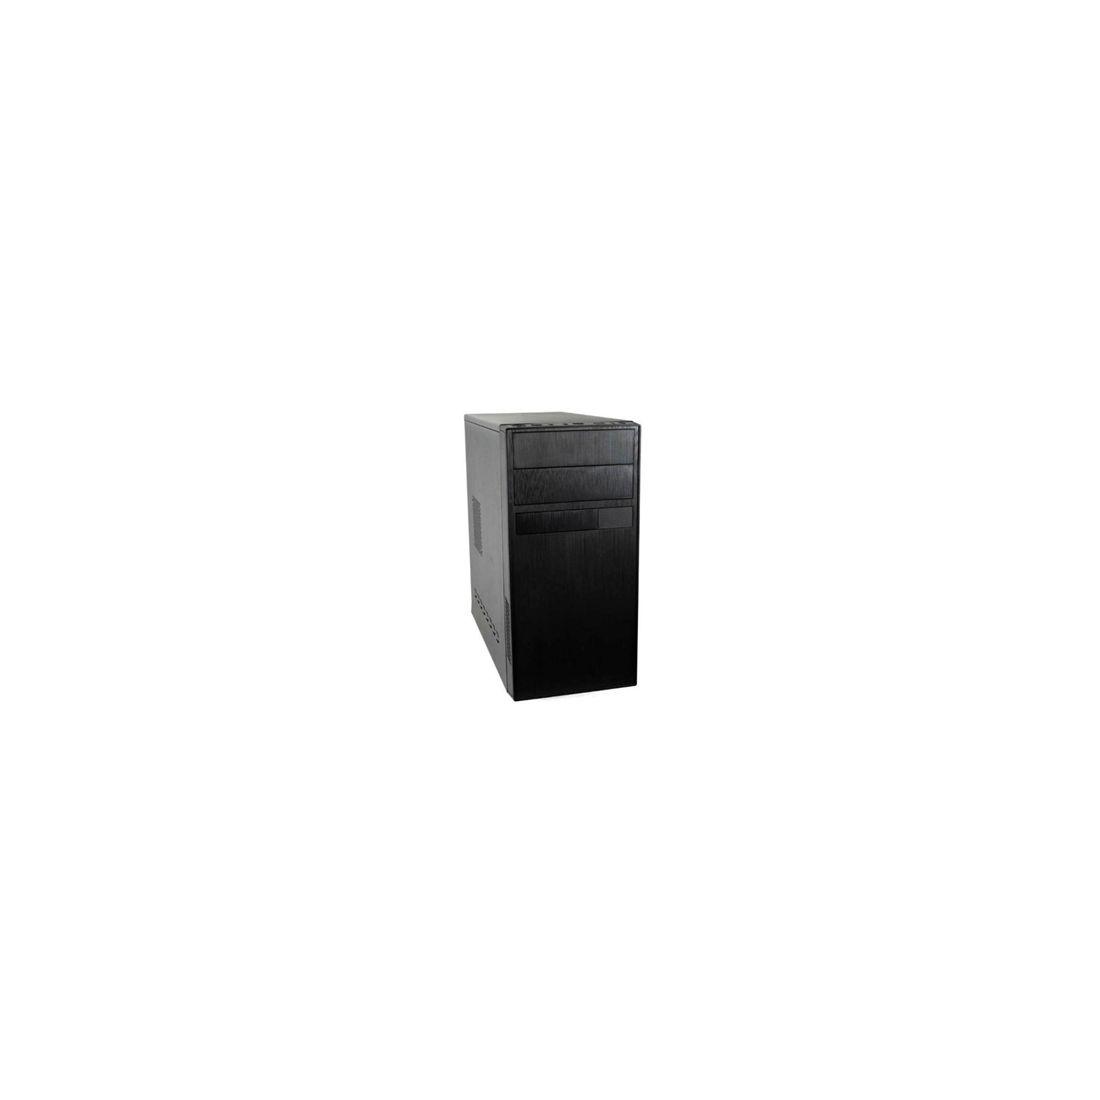 Coolbox Caja Micro ATX M670 USB30 fte BASIC500